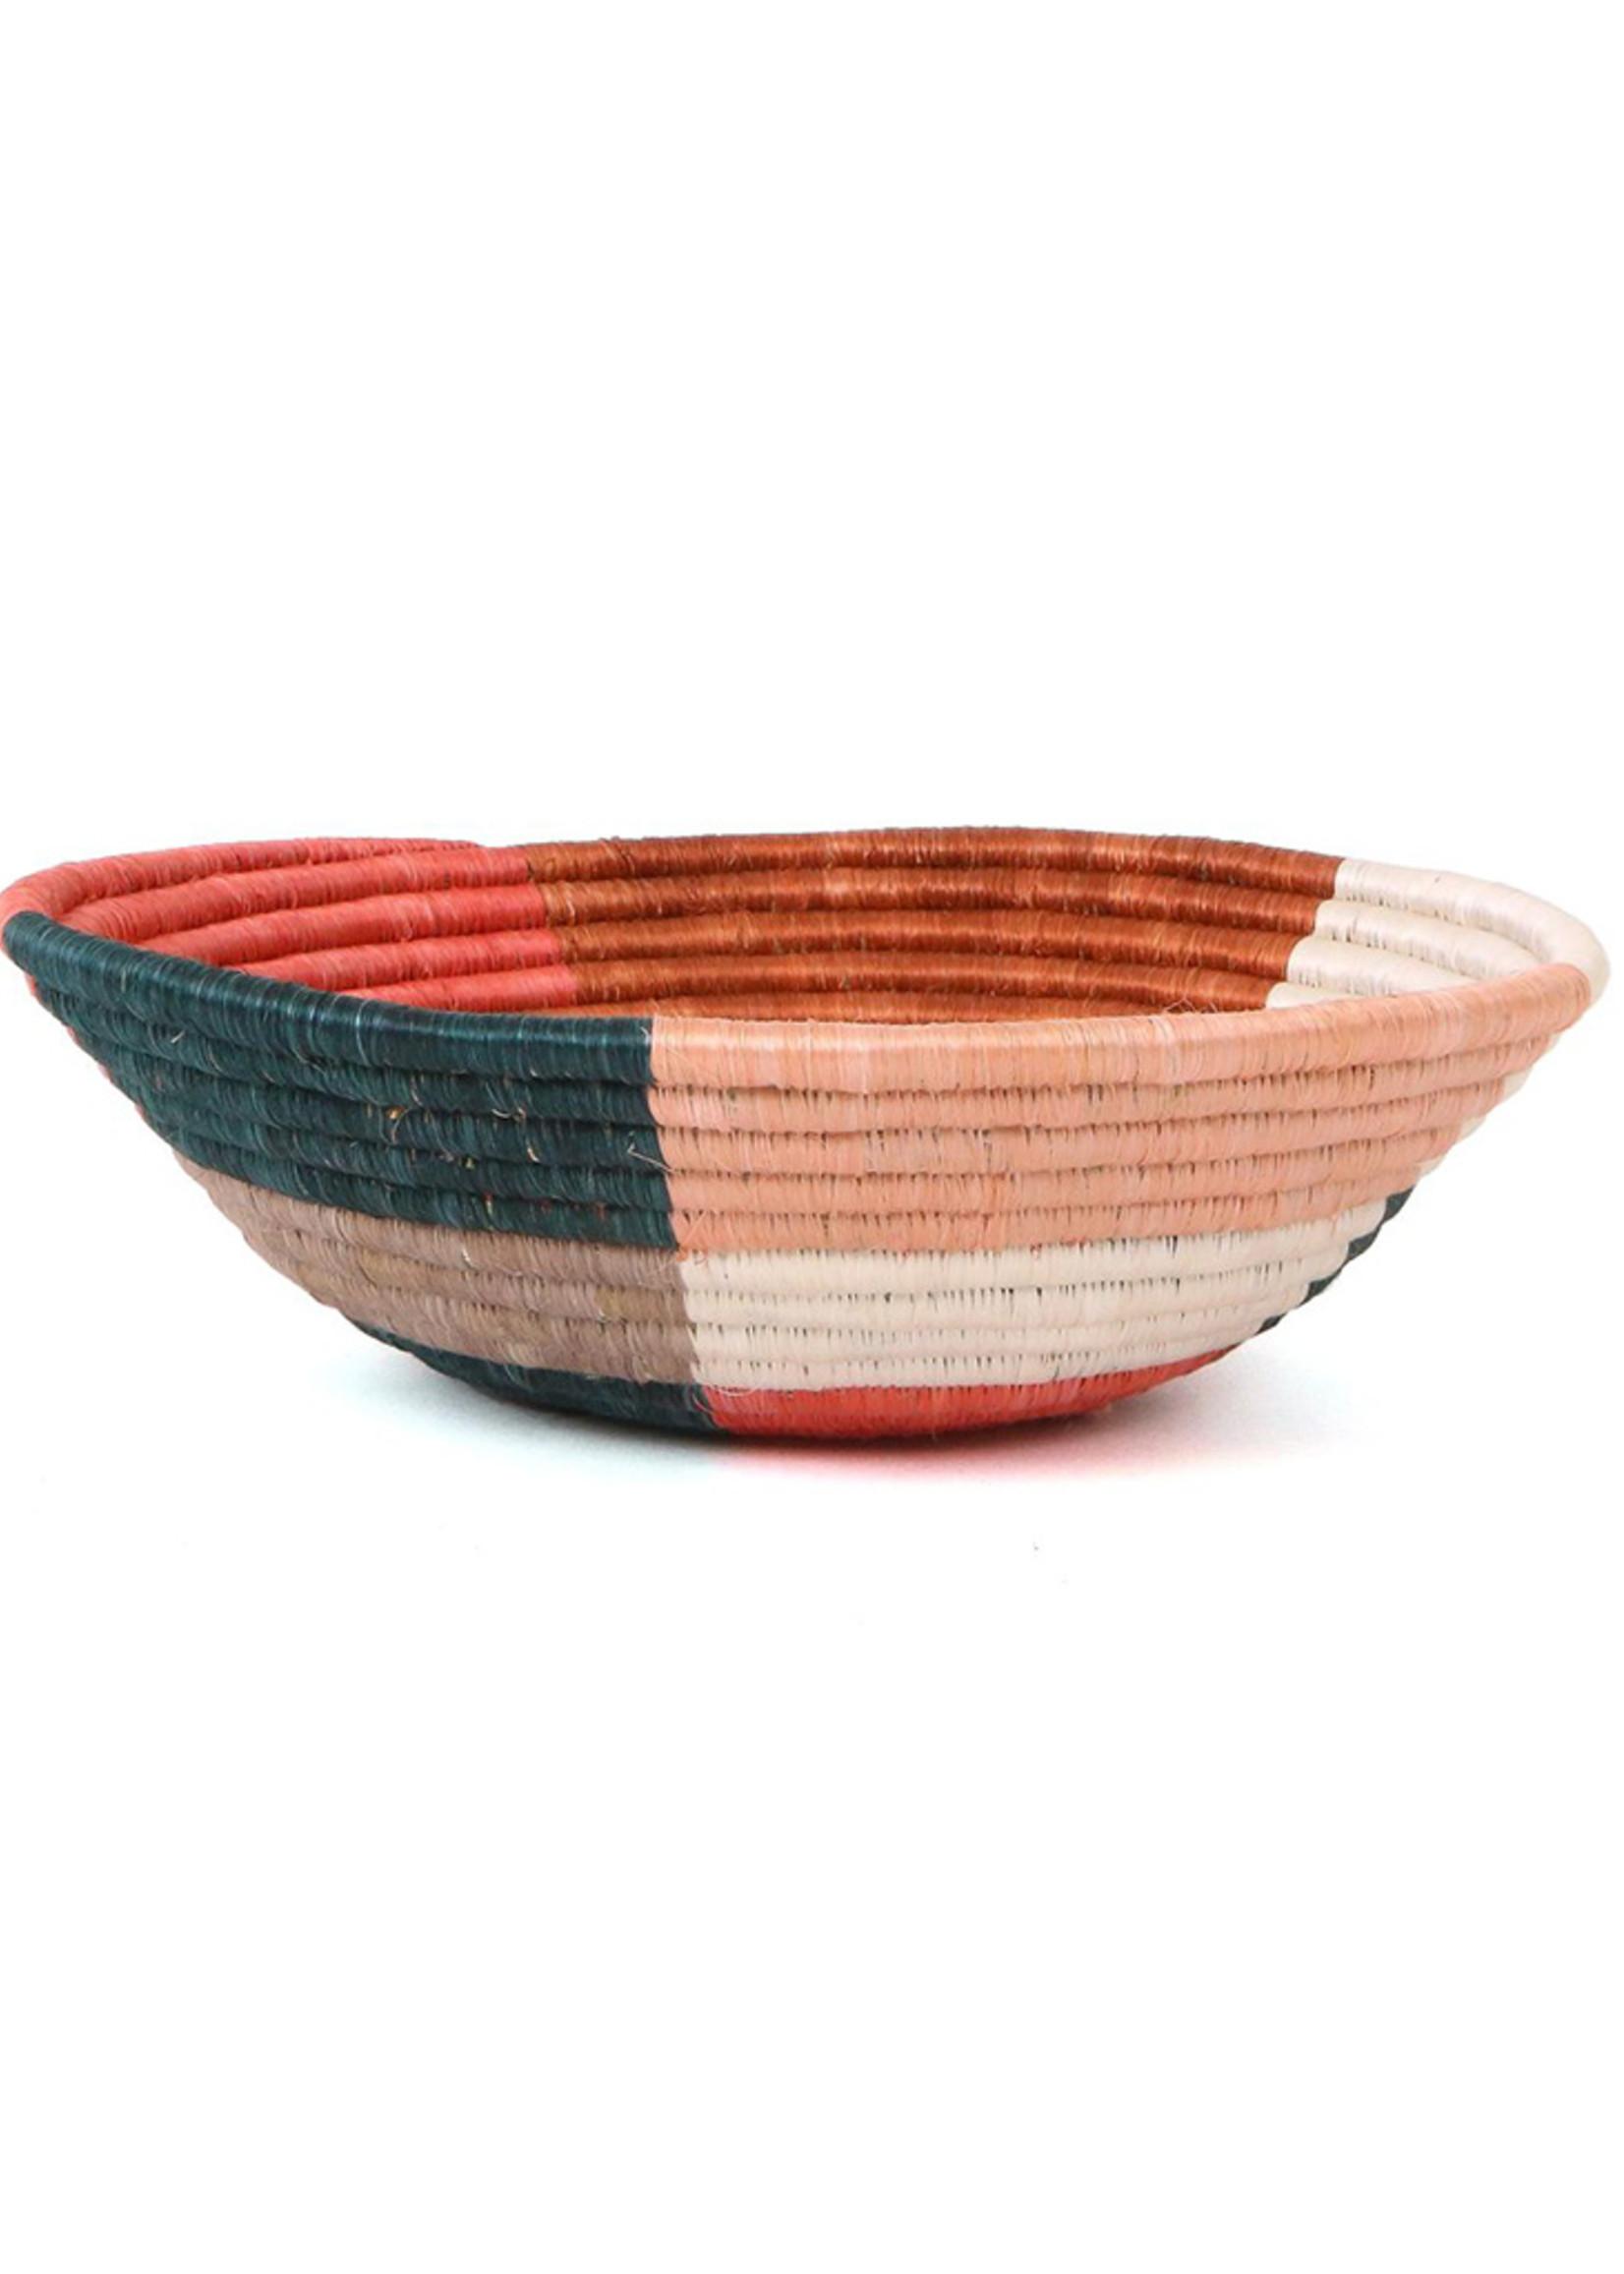 Kazi Large Coral Clay Umuseke Basket